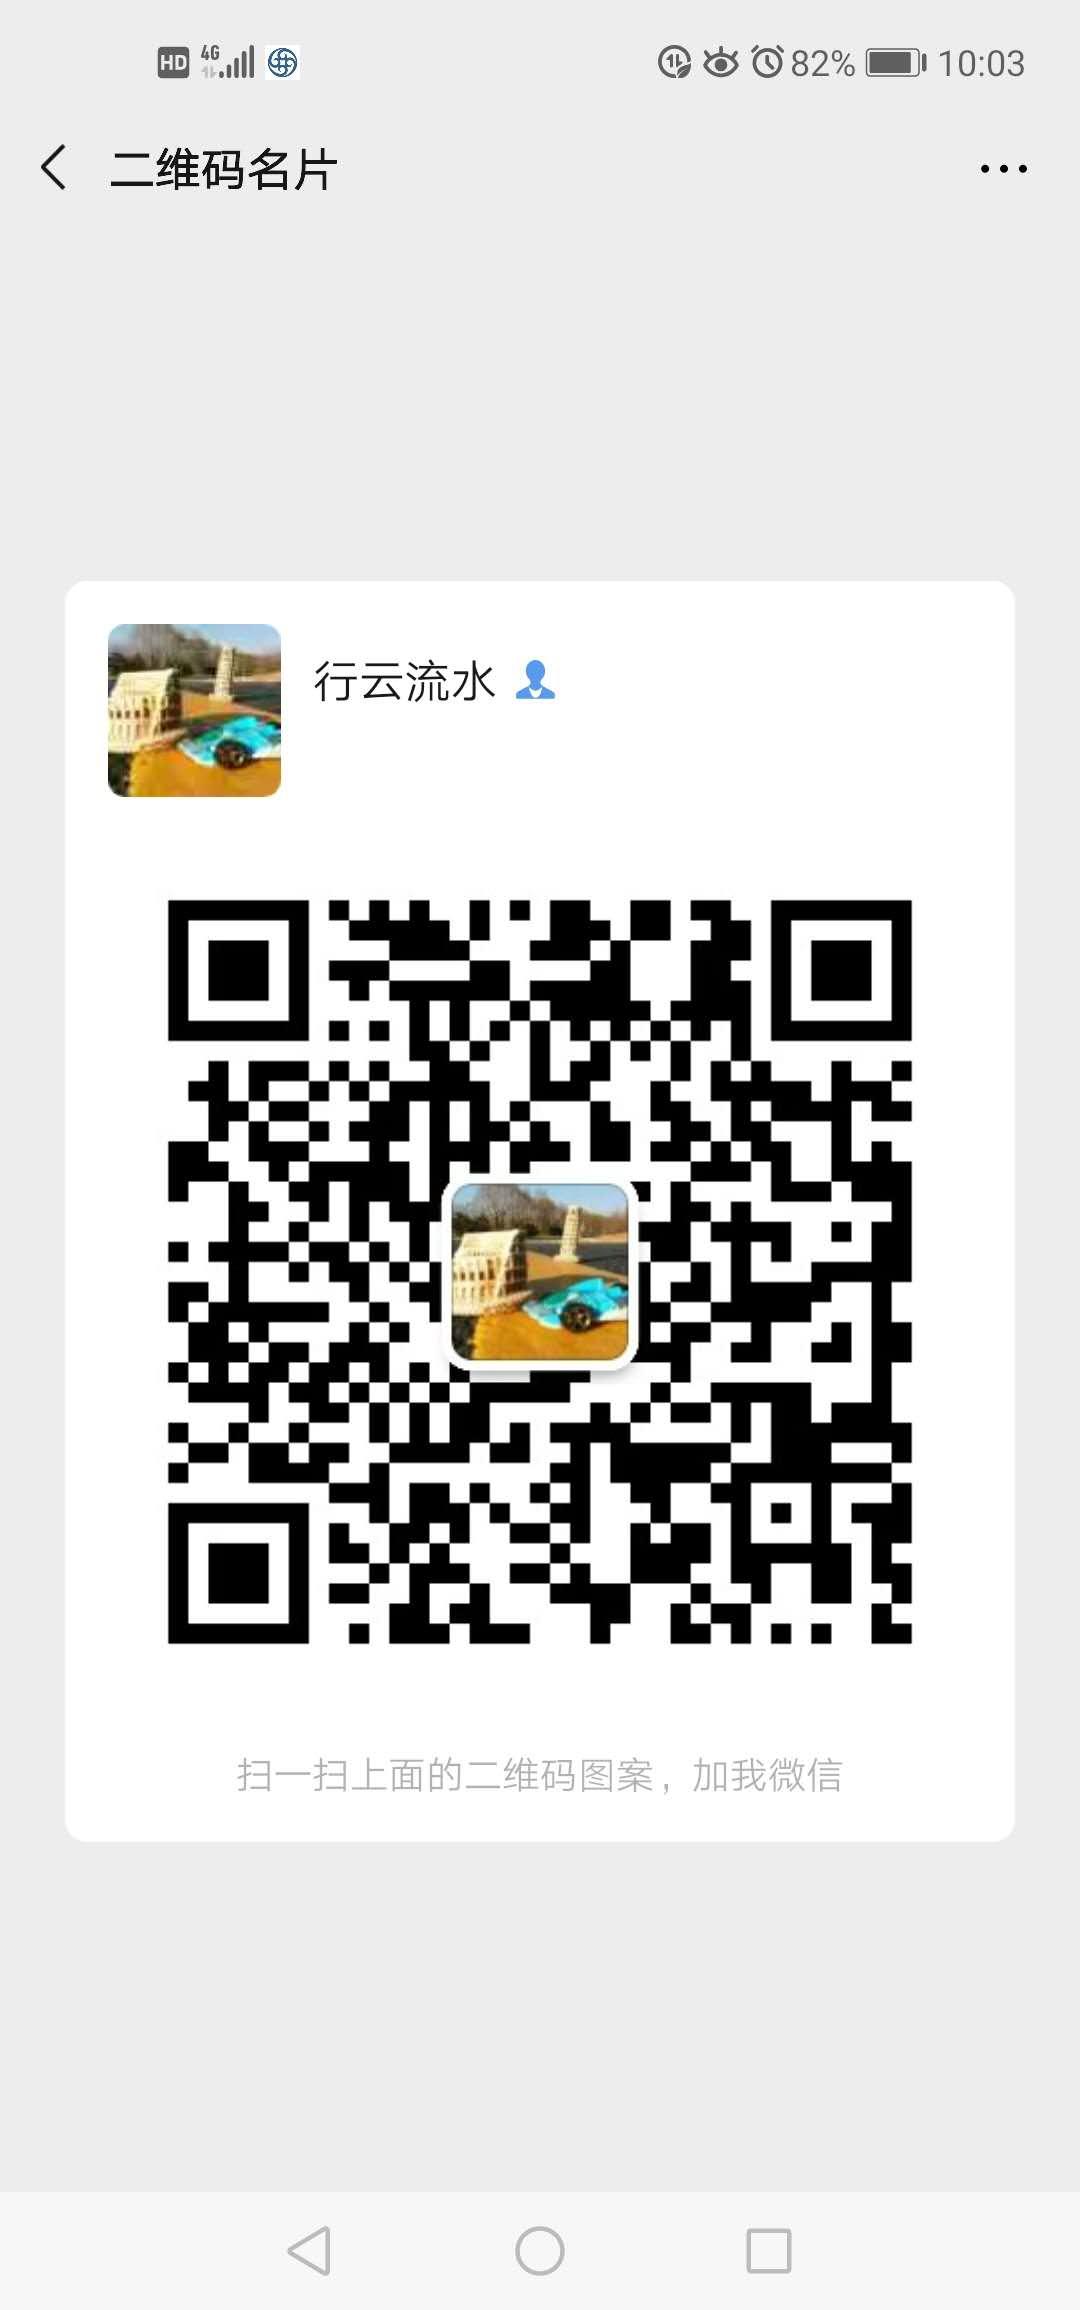 杭州千岛拓新进出口有限公司